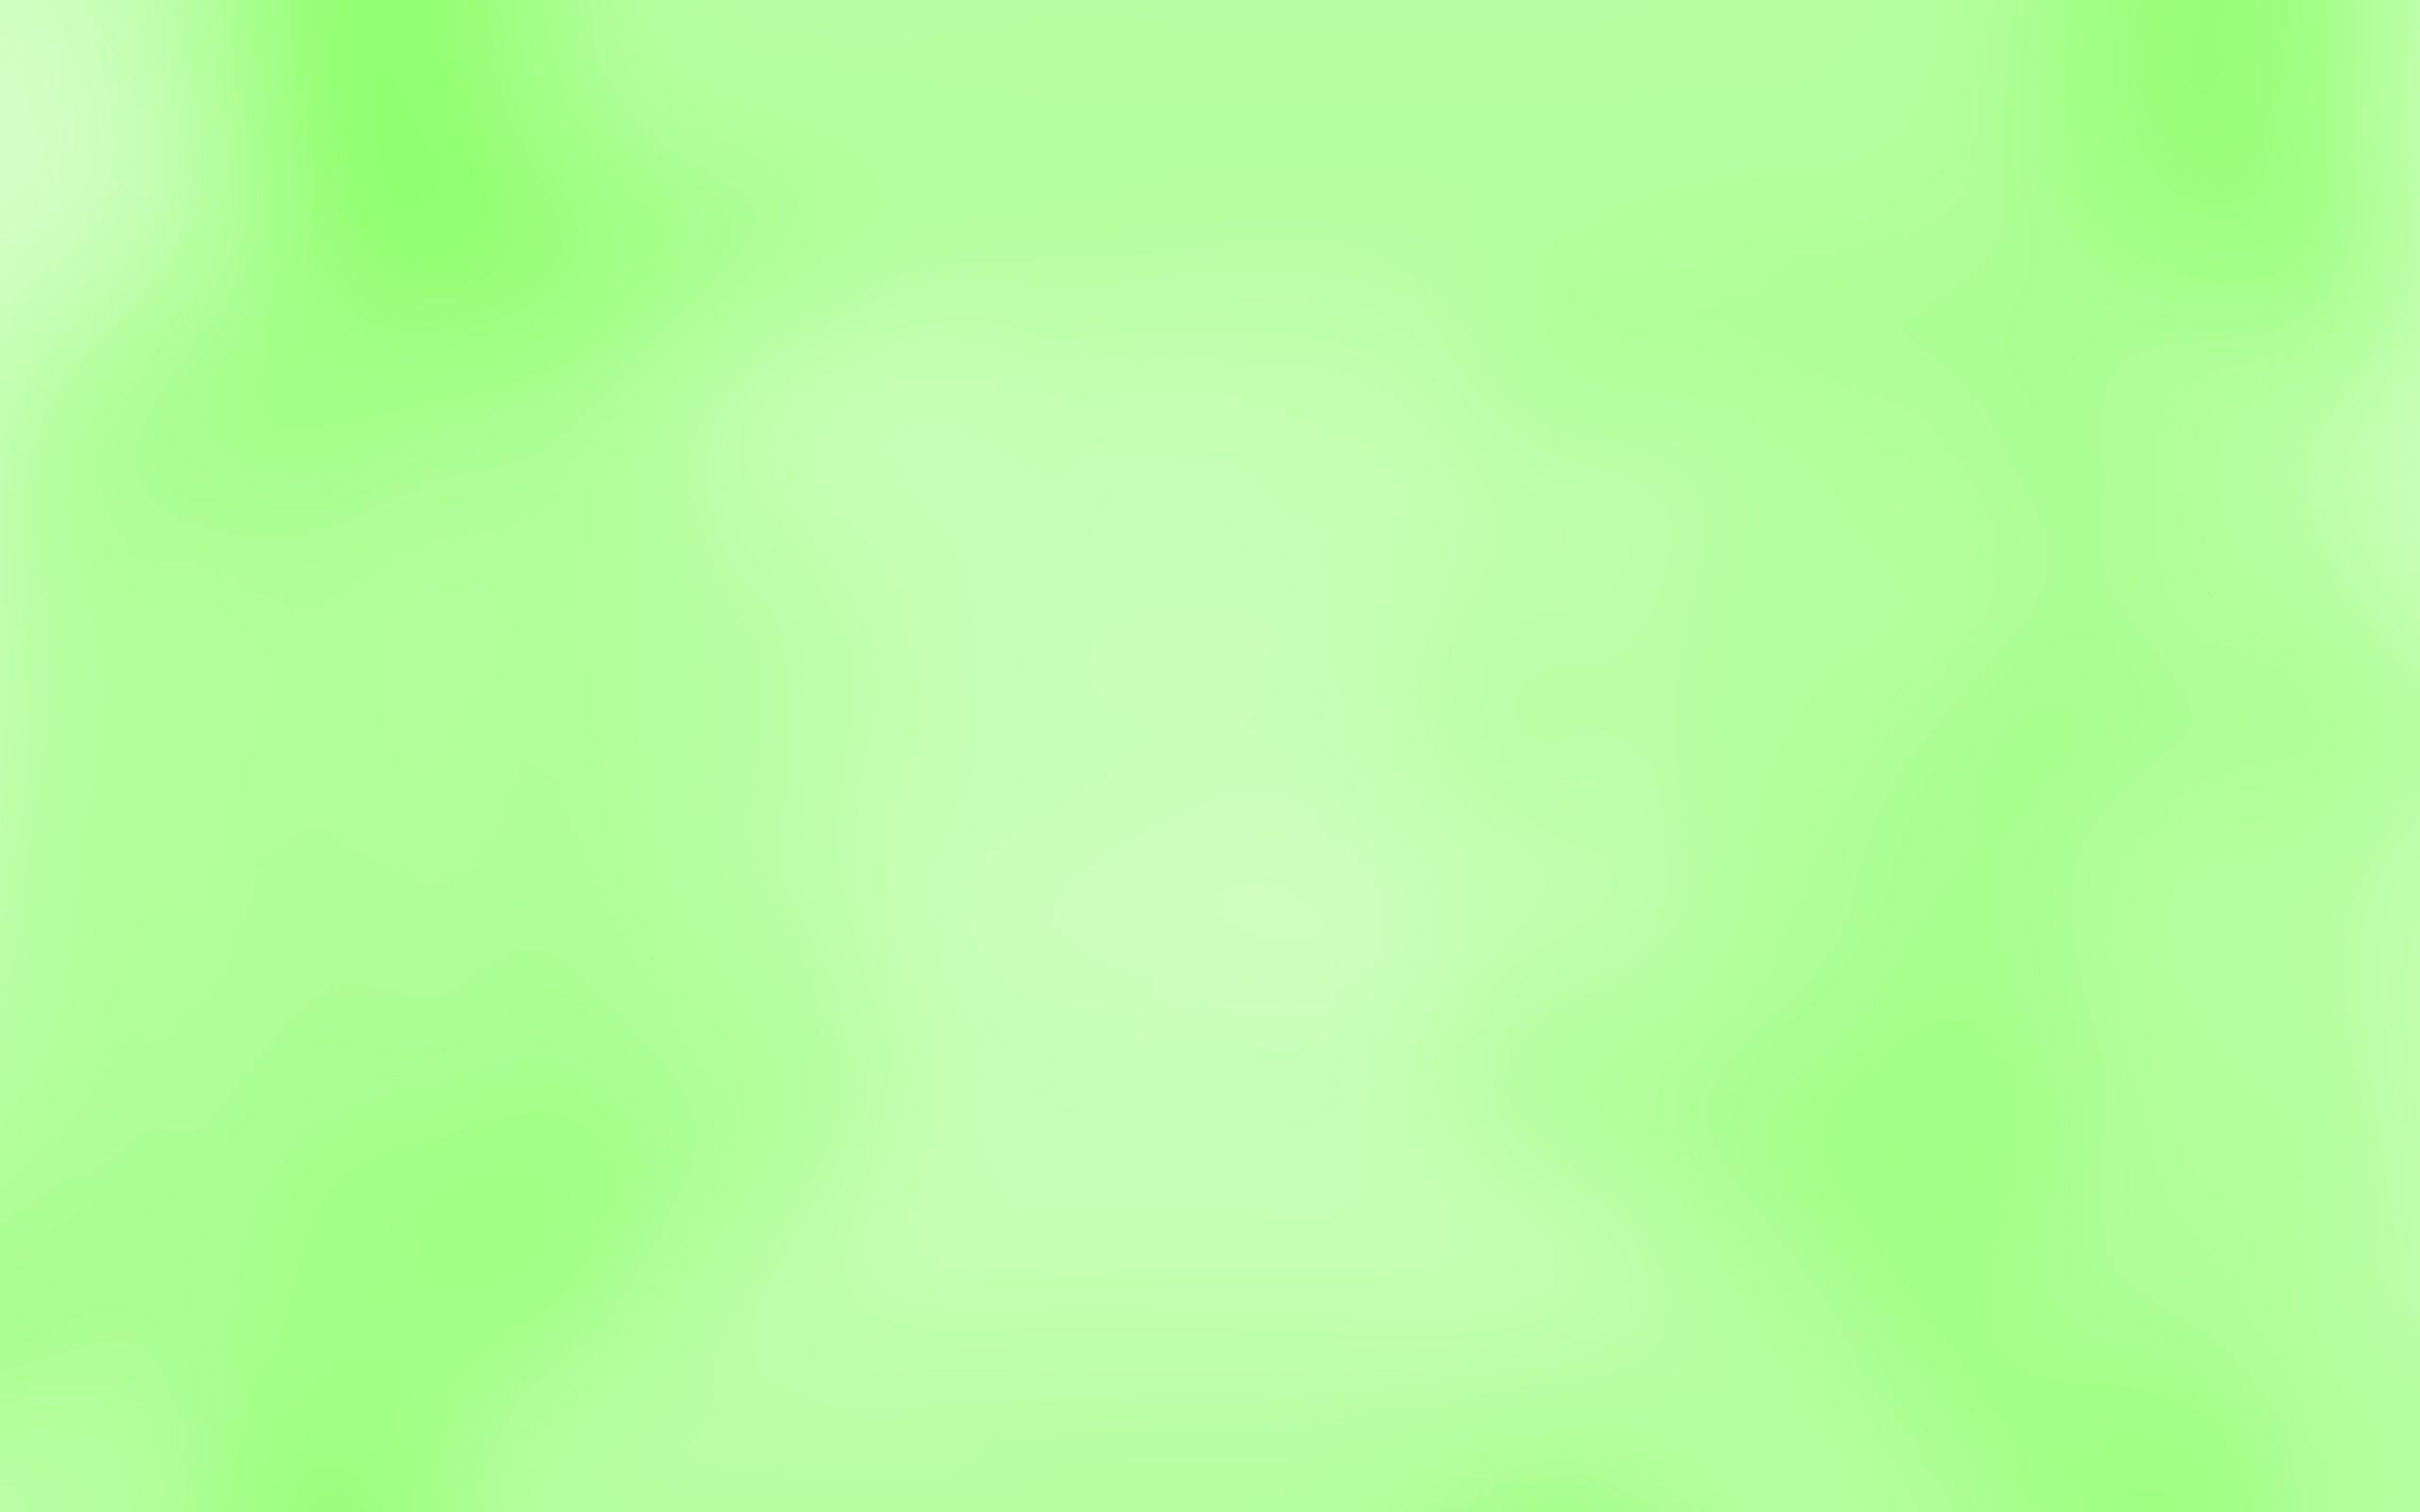 Light Green Backgrounds 2560x1600